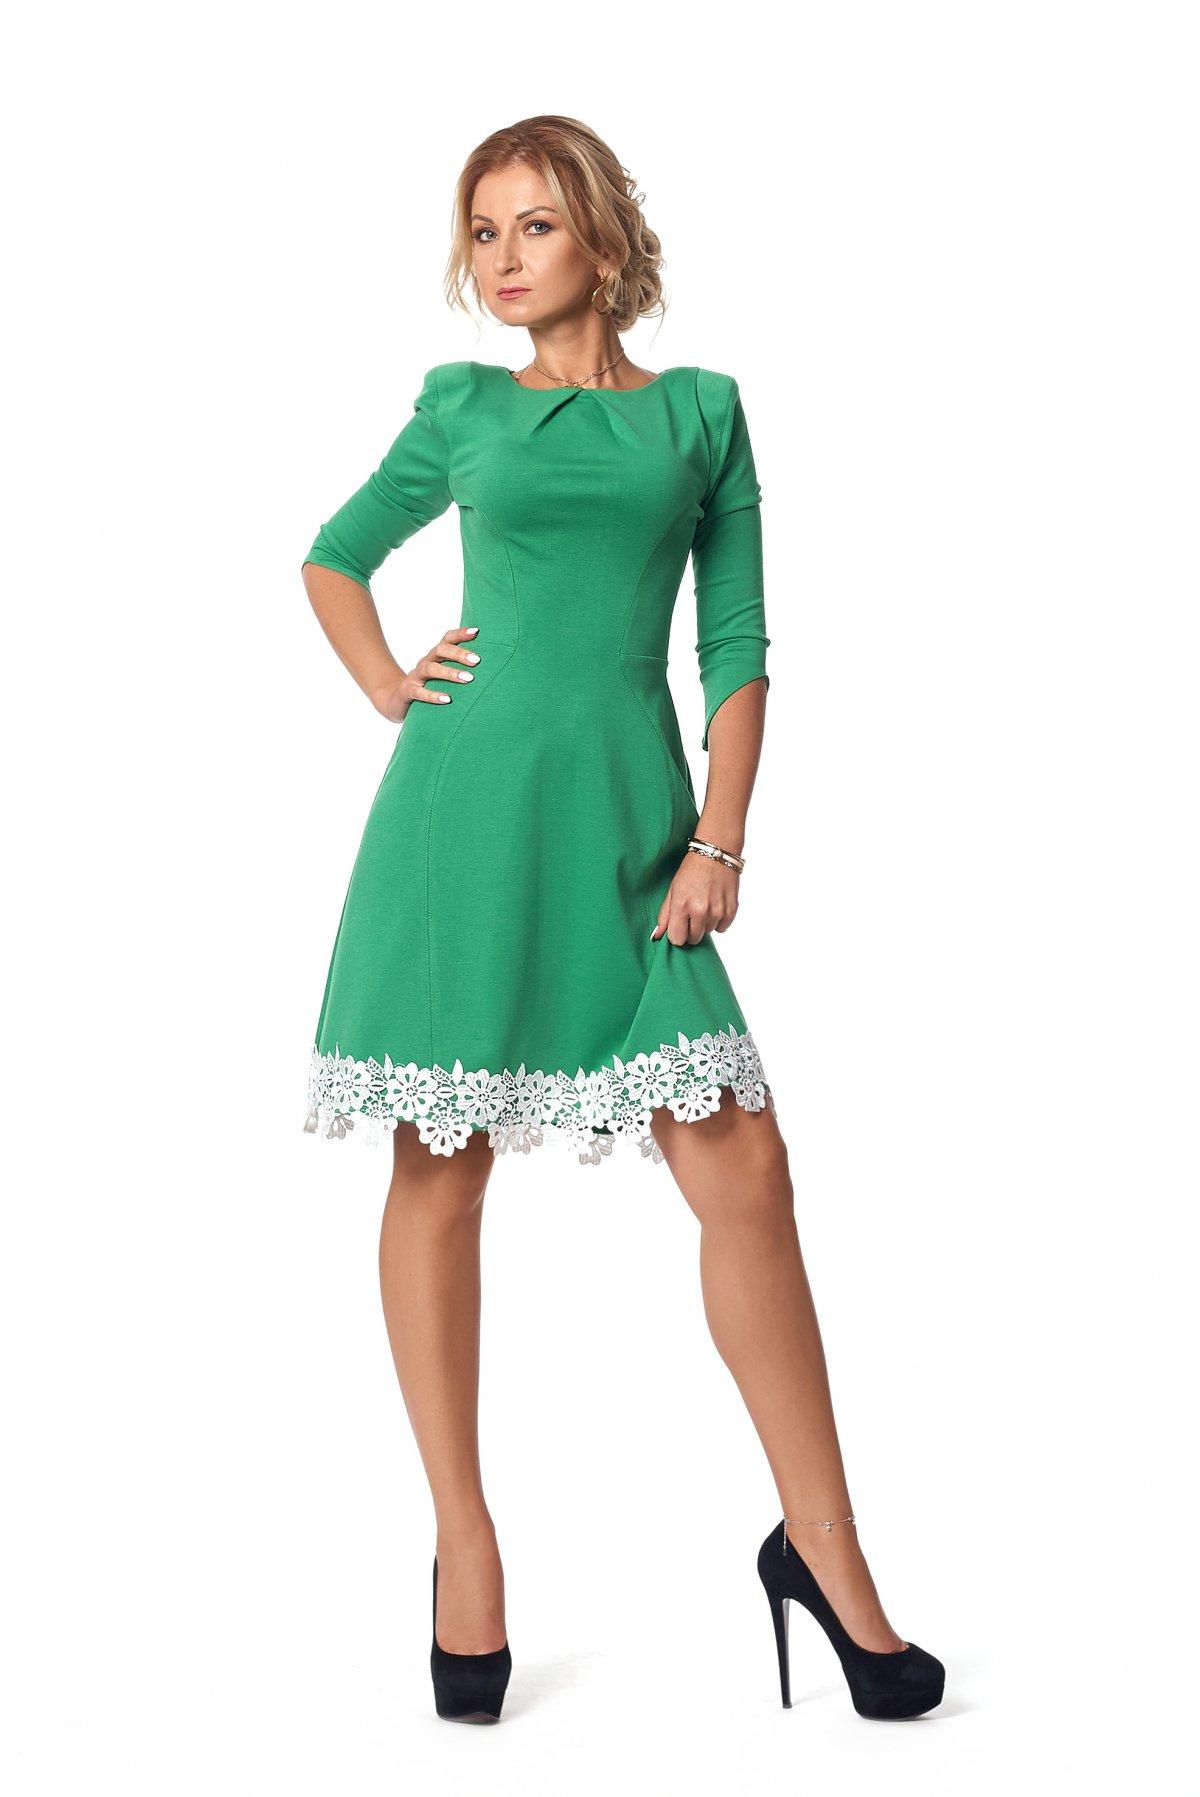 Повседневное женское платье (фото) - Фотогалерея стильной одежды ... fdbcb18139b79